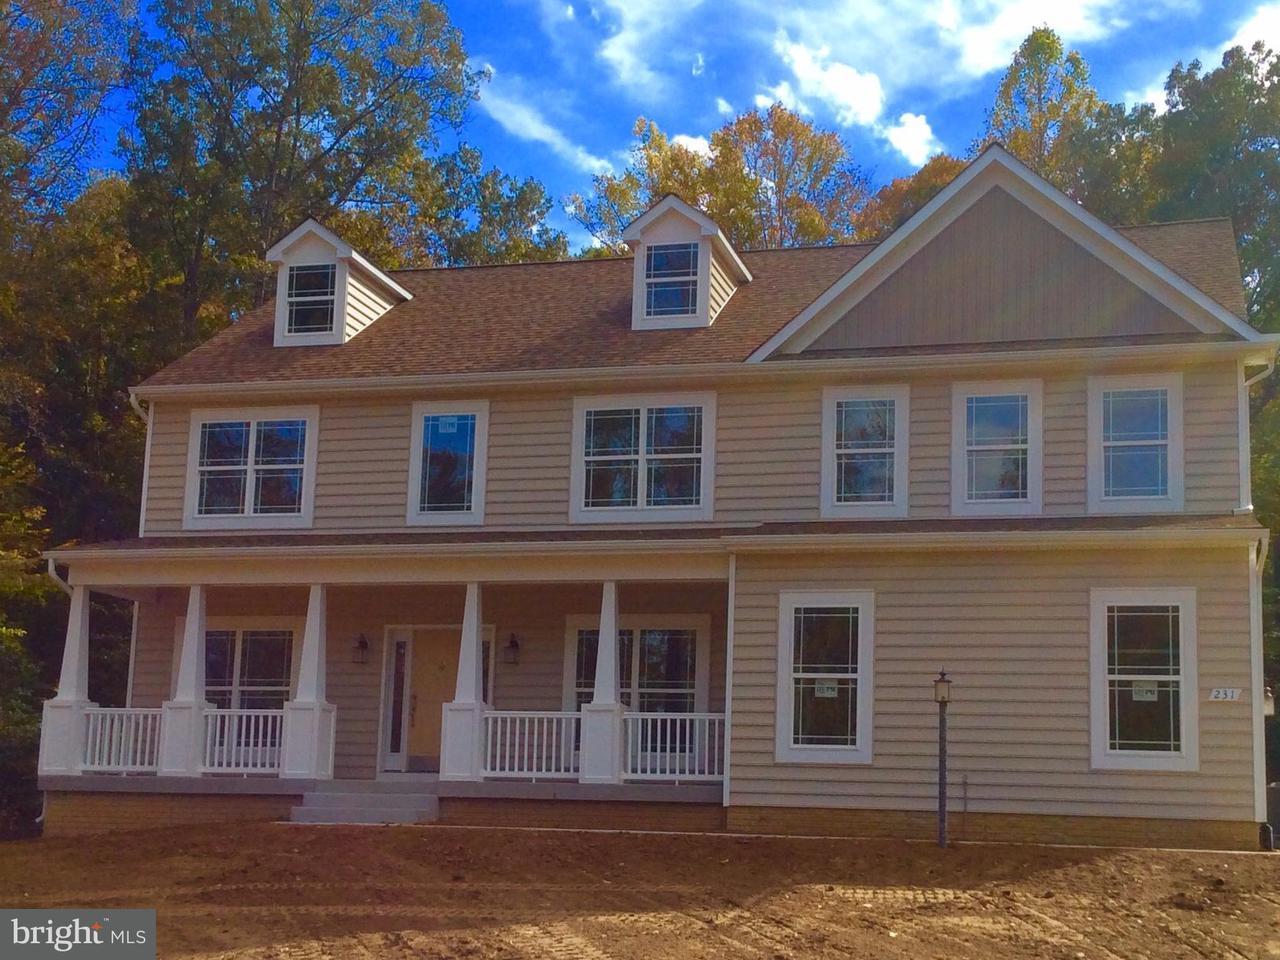 Casa Unifamiliar por un Venta en 231 MOUNT HOPE CHURCH Road 231 MOUNT HOPE CHURCH Road Stafford, Virginia 22554 Estados Unidos